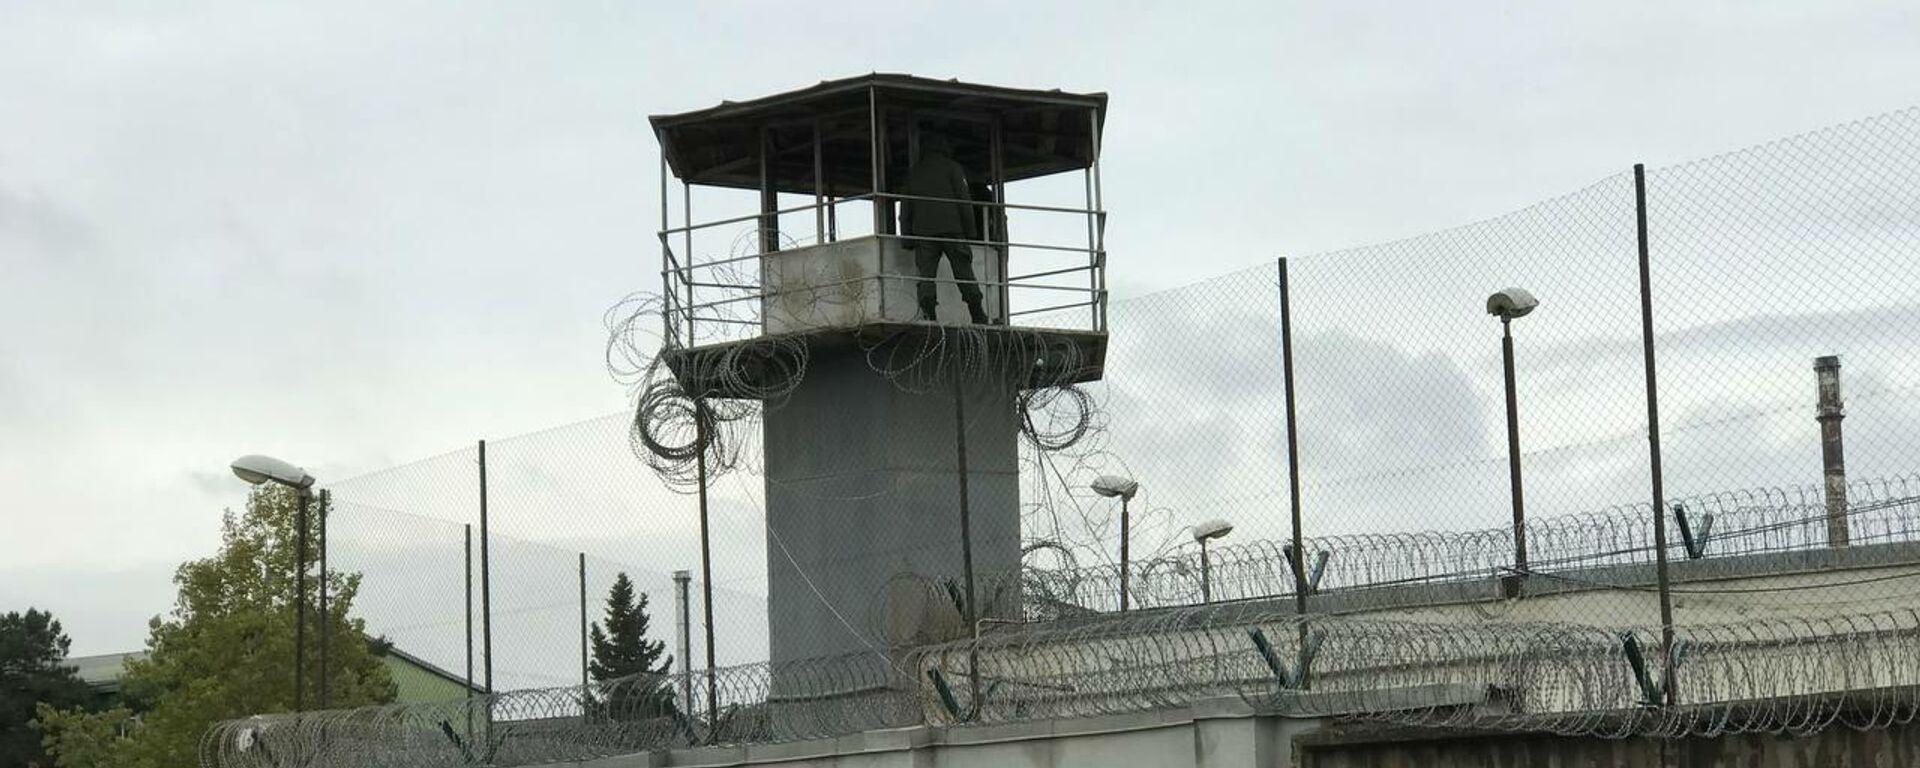 რუსთავის ციხე - Sputnik საქართველო, 1920, 09.10.2021